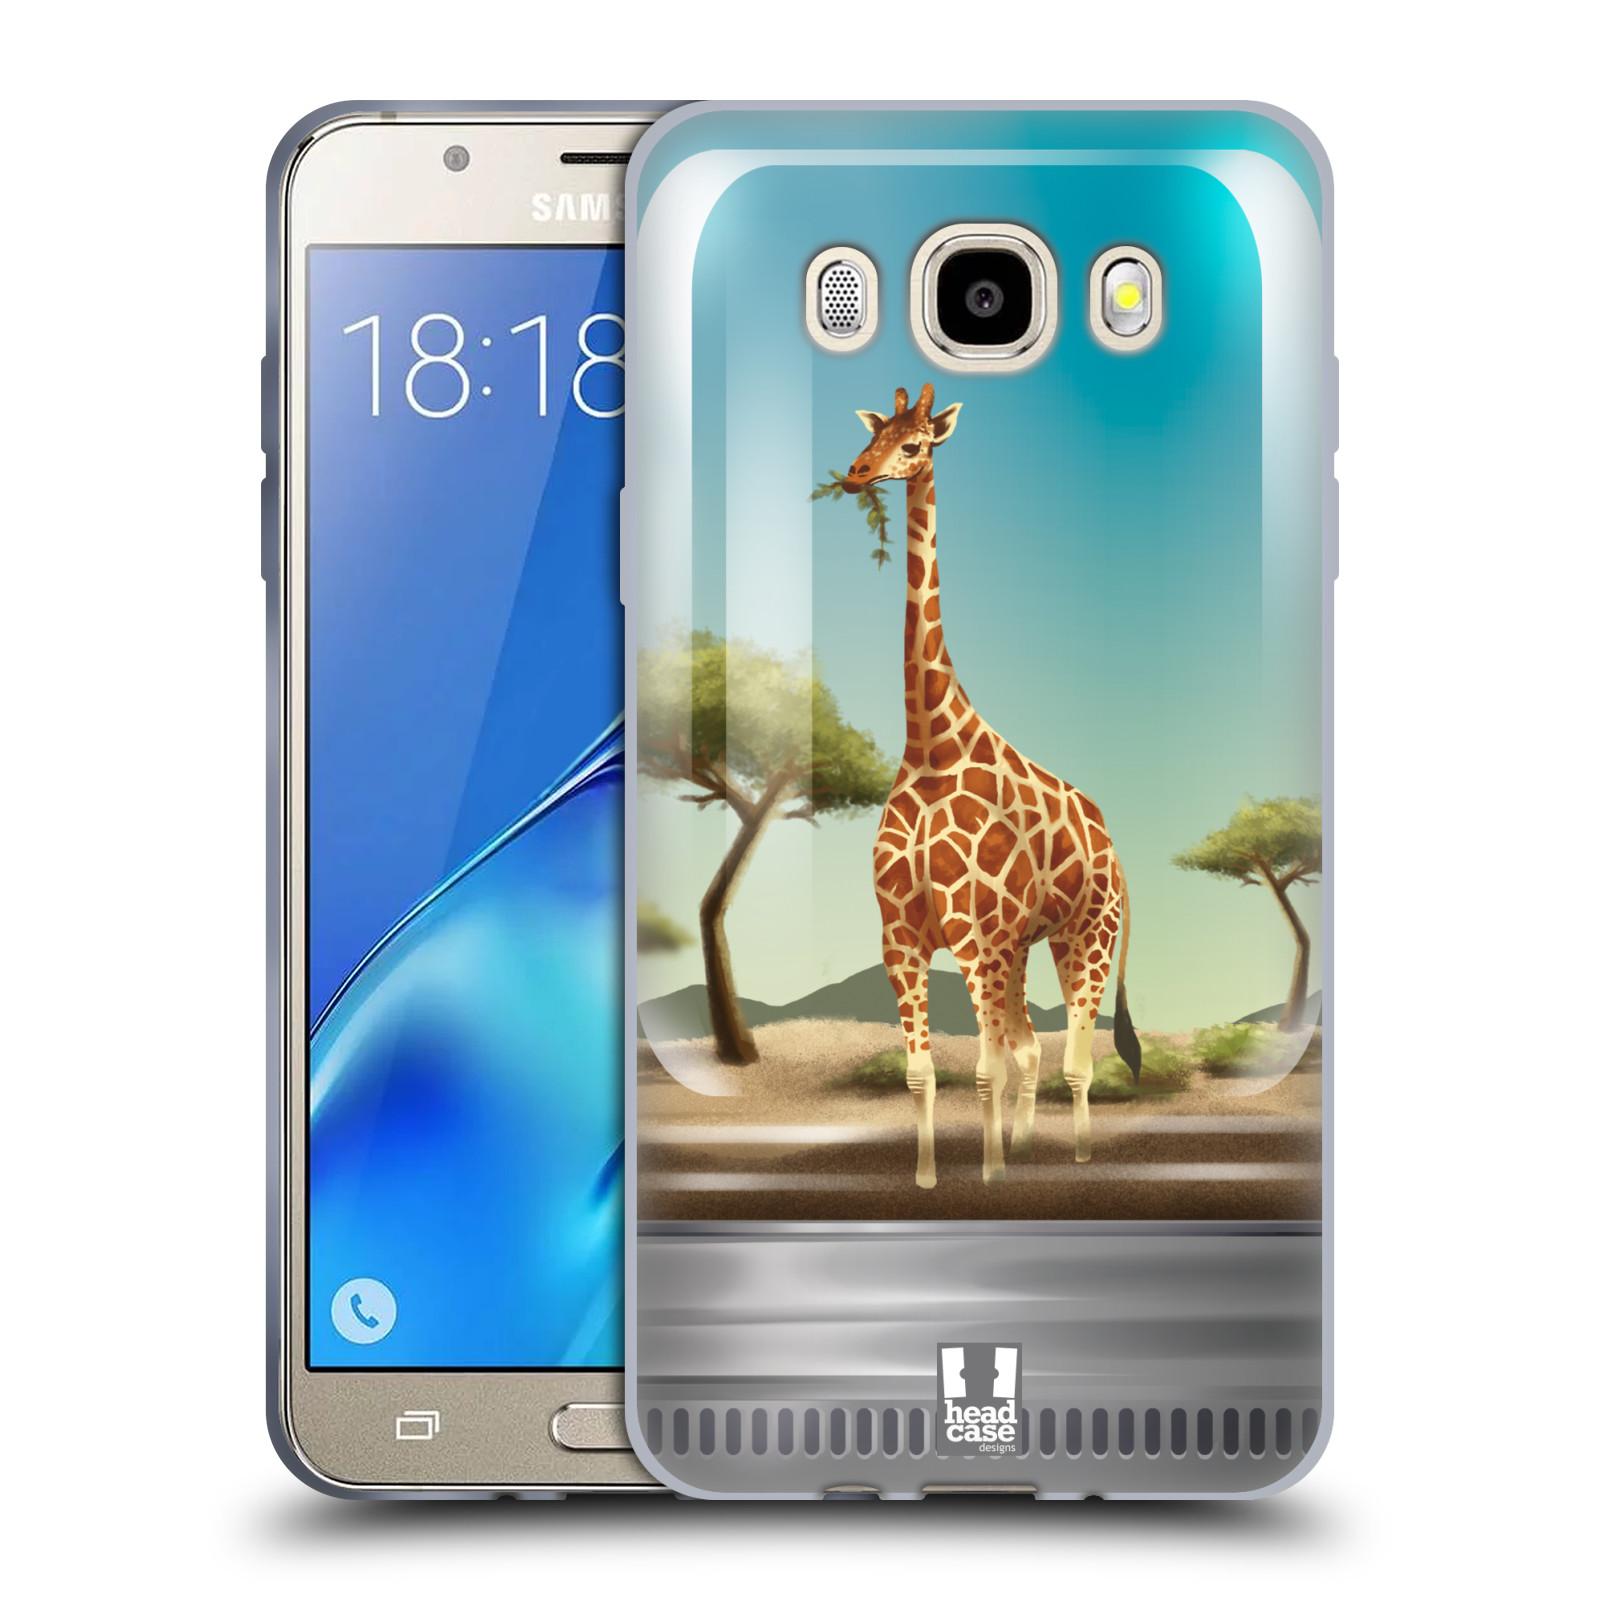 HEAD CASE silikonový obal, kryt na mobil Samsung Galaxy J5 2016, J510, J510F, (J510F DUAL SIM) vzor Zvířátka v těžítku žirafa